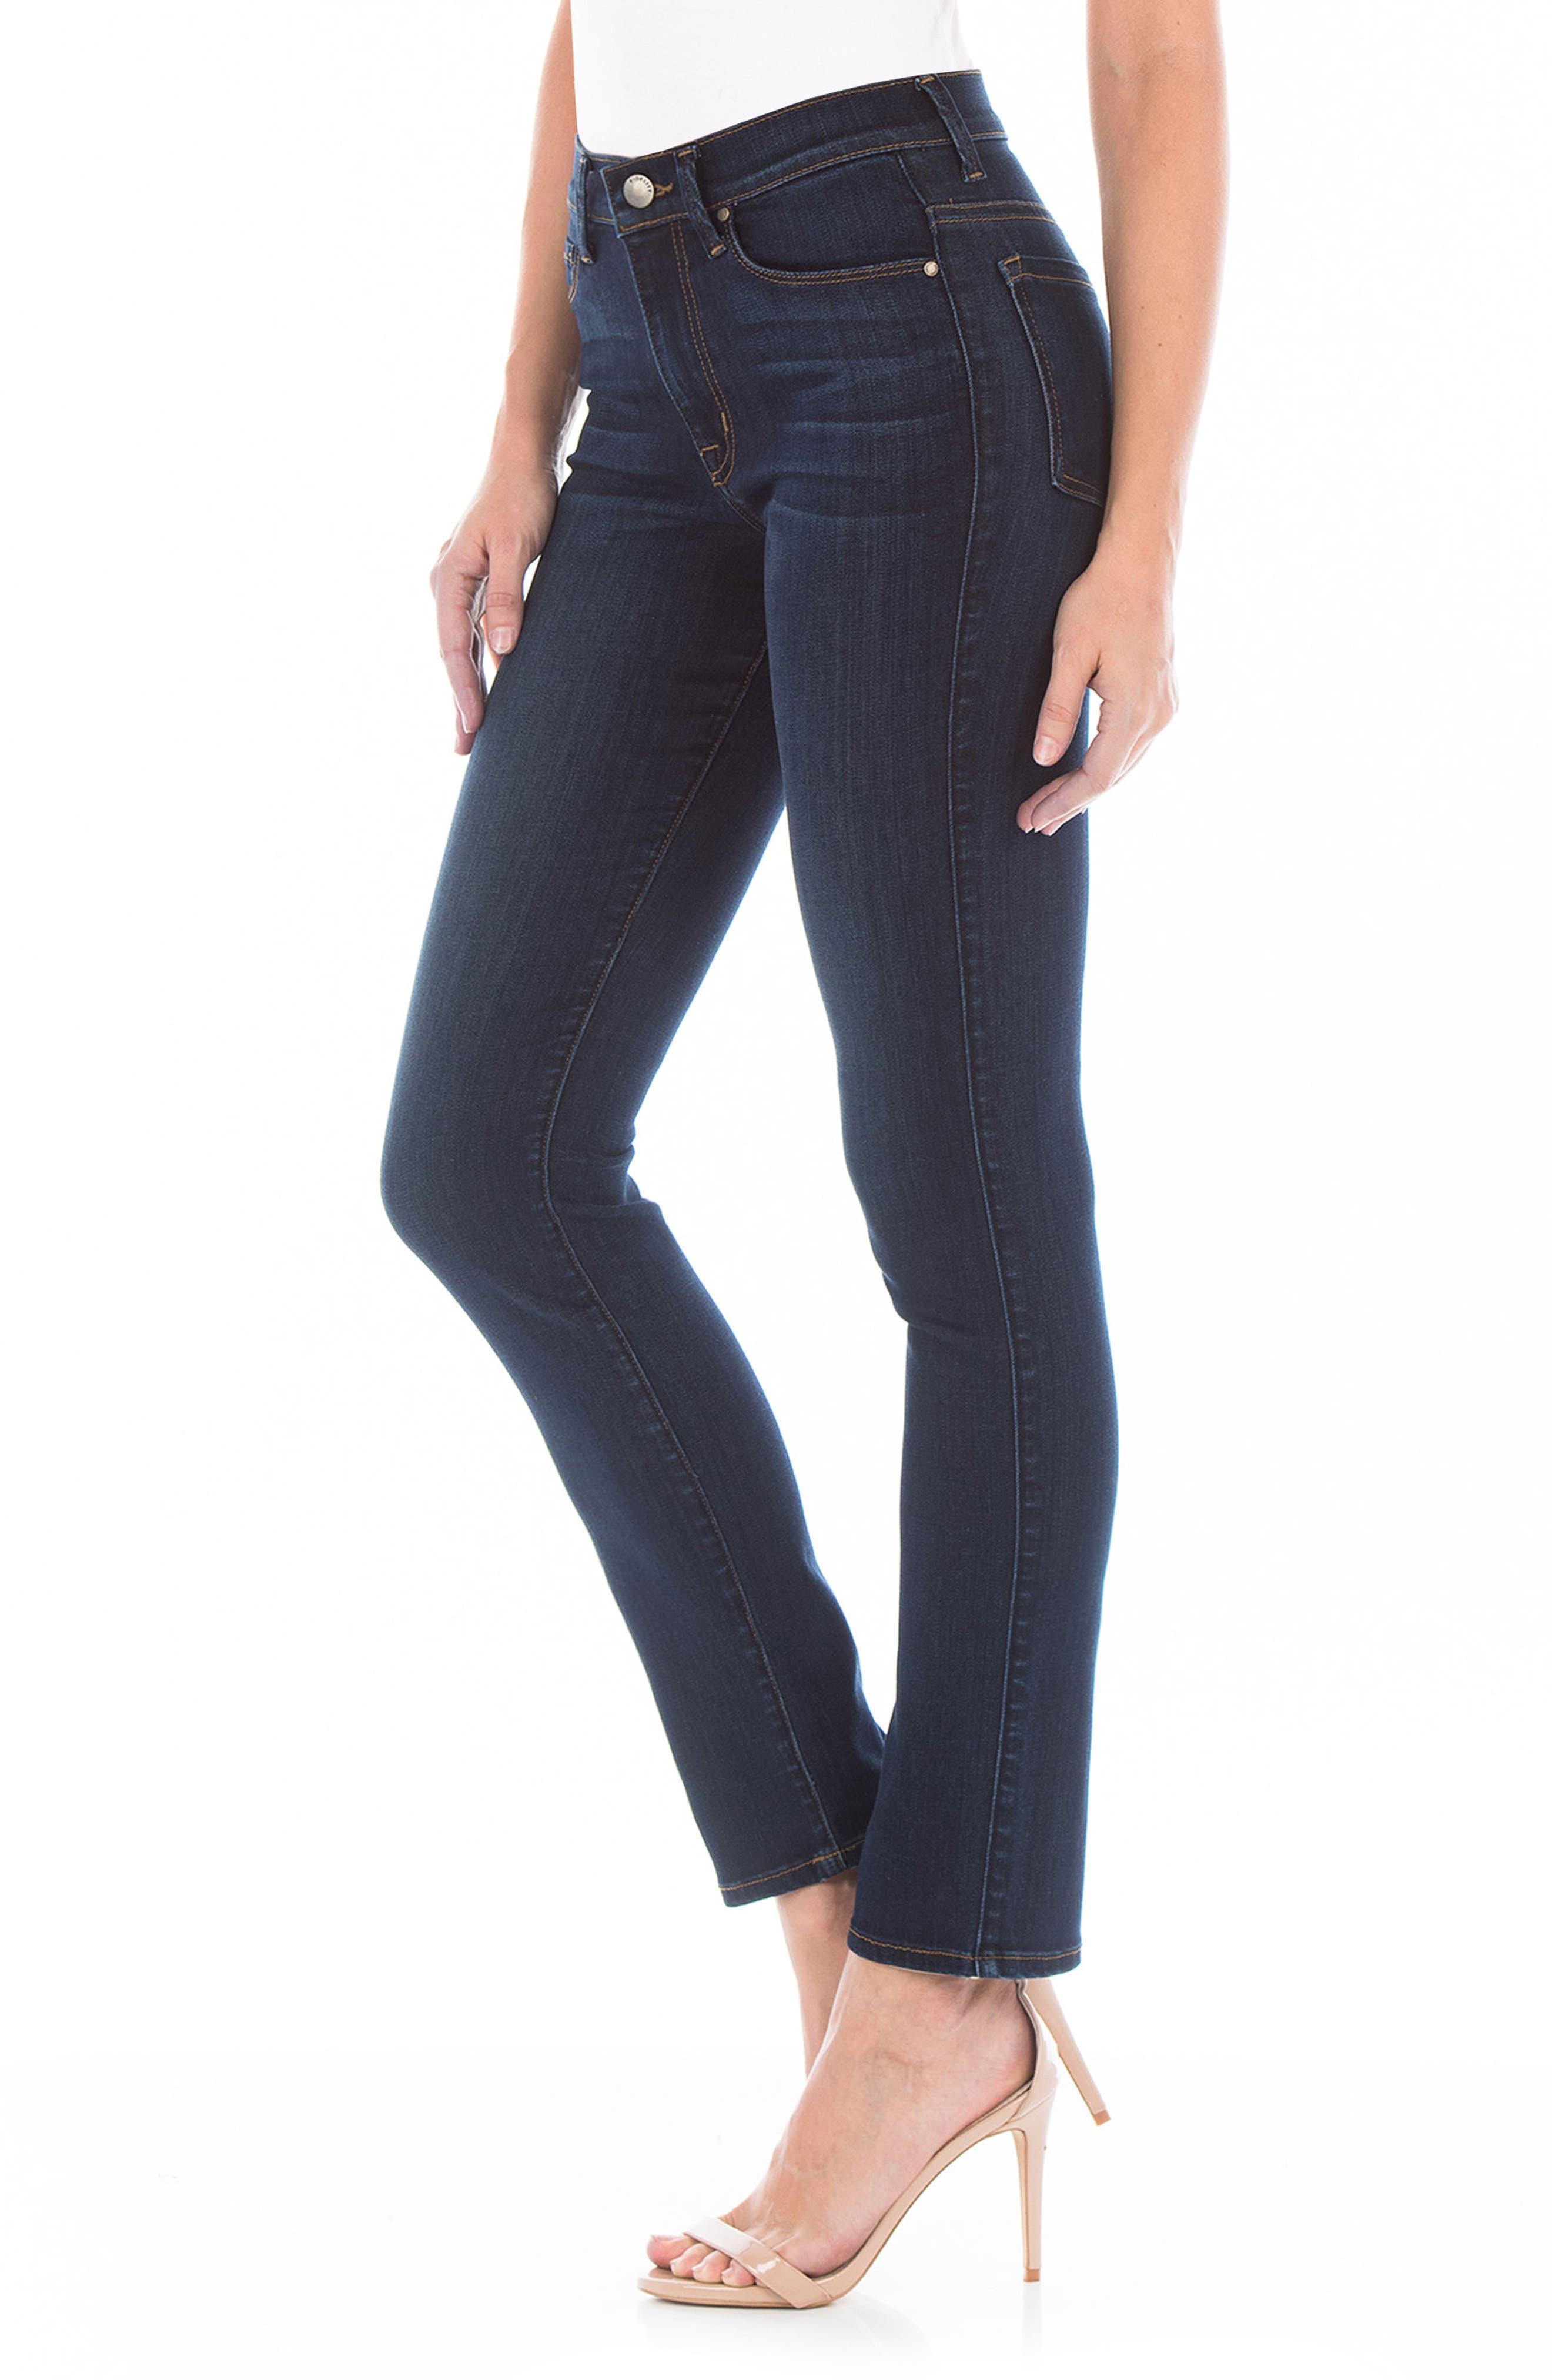 FIDELITY DENIM,                             Cher High Waist Slim Jeans,                             Alternate thumbnail 3, color,                             400